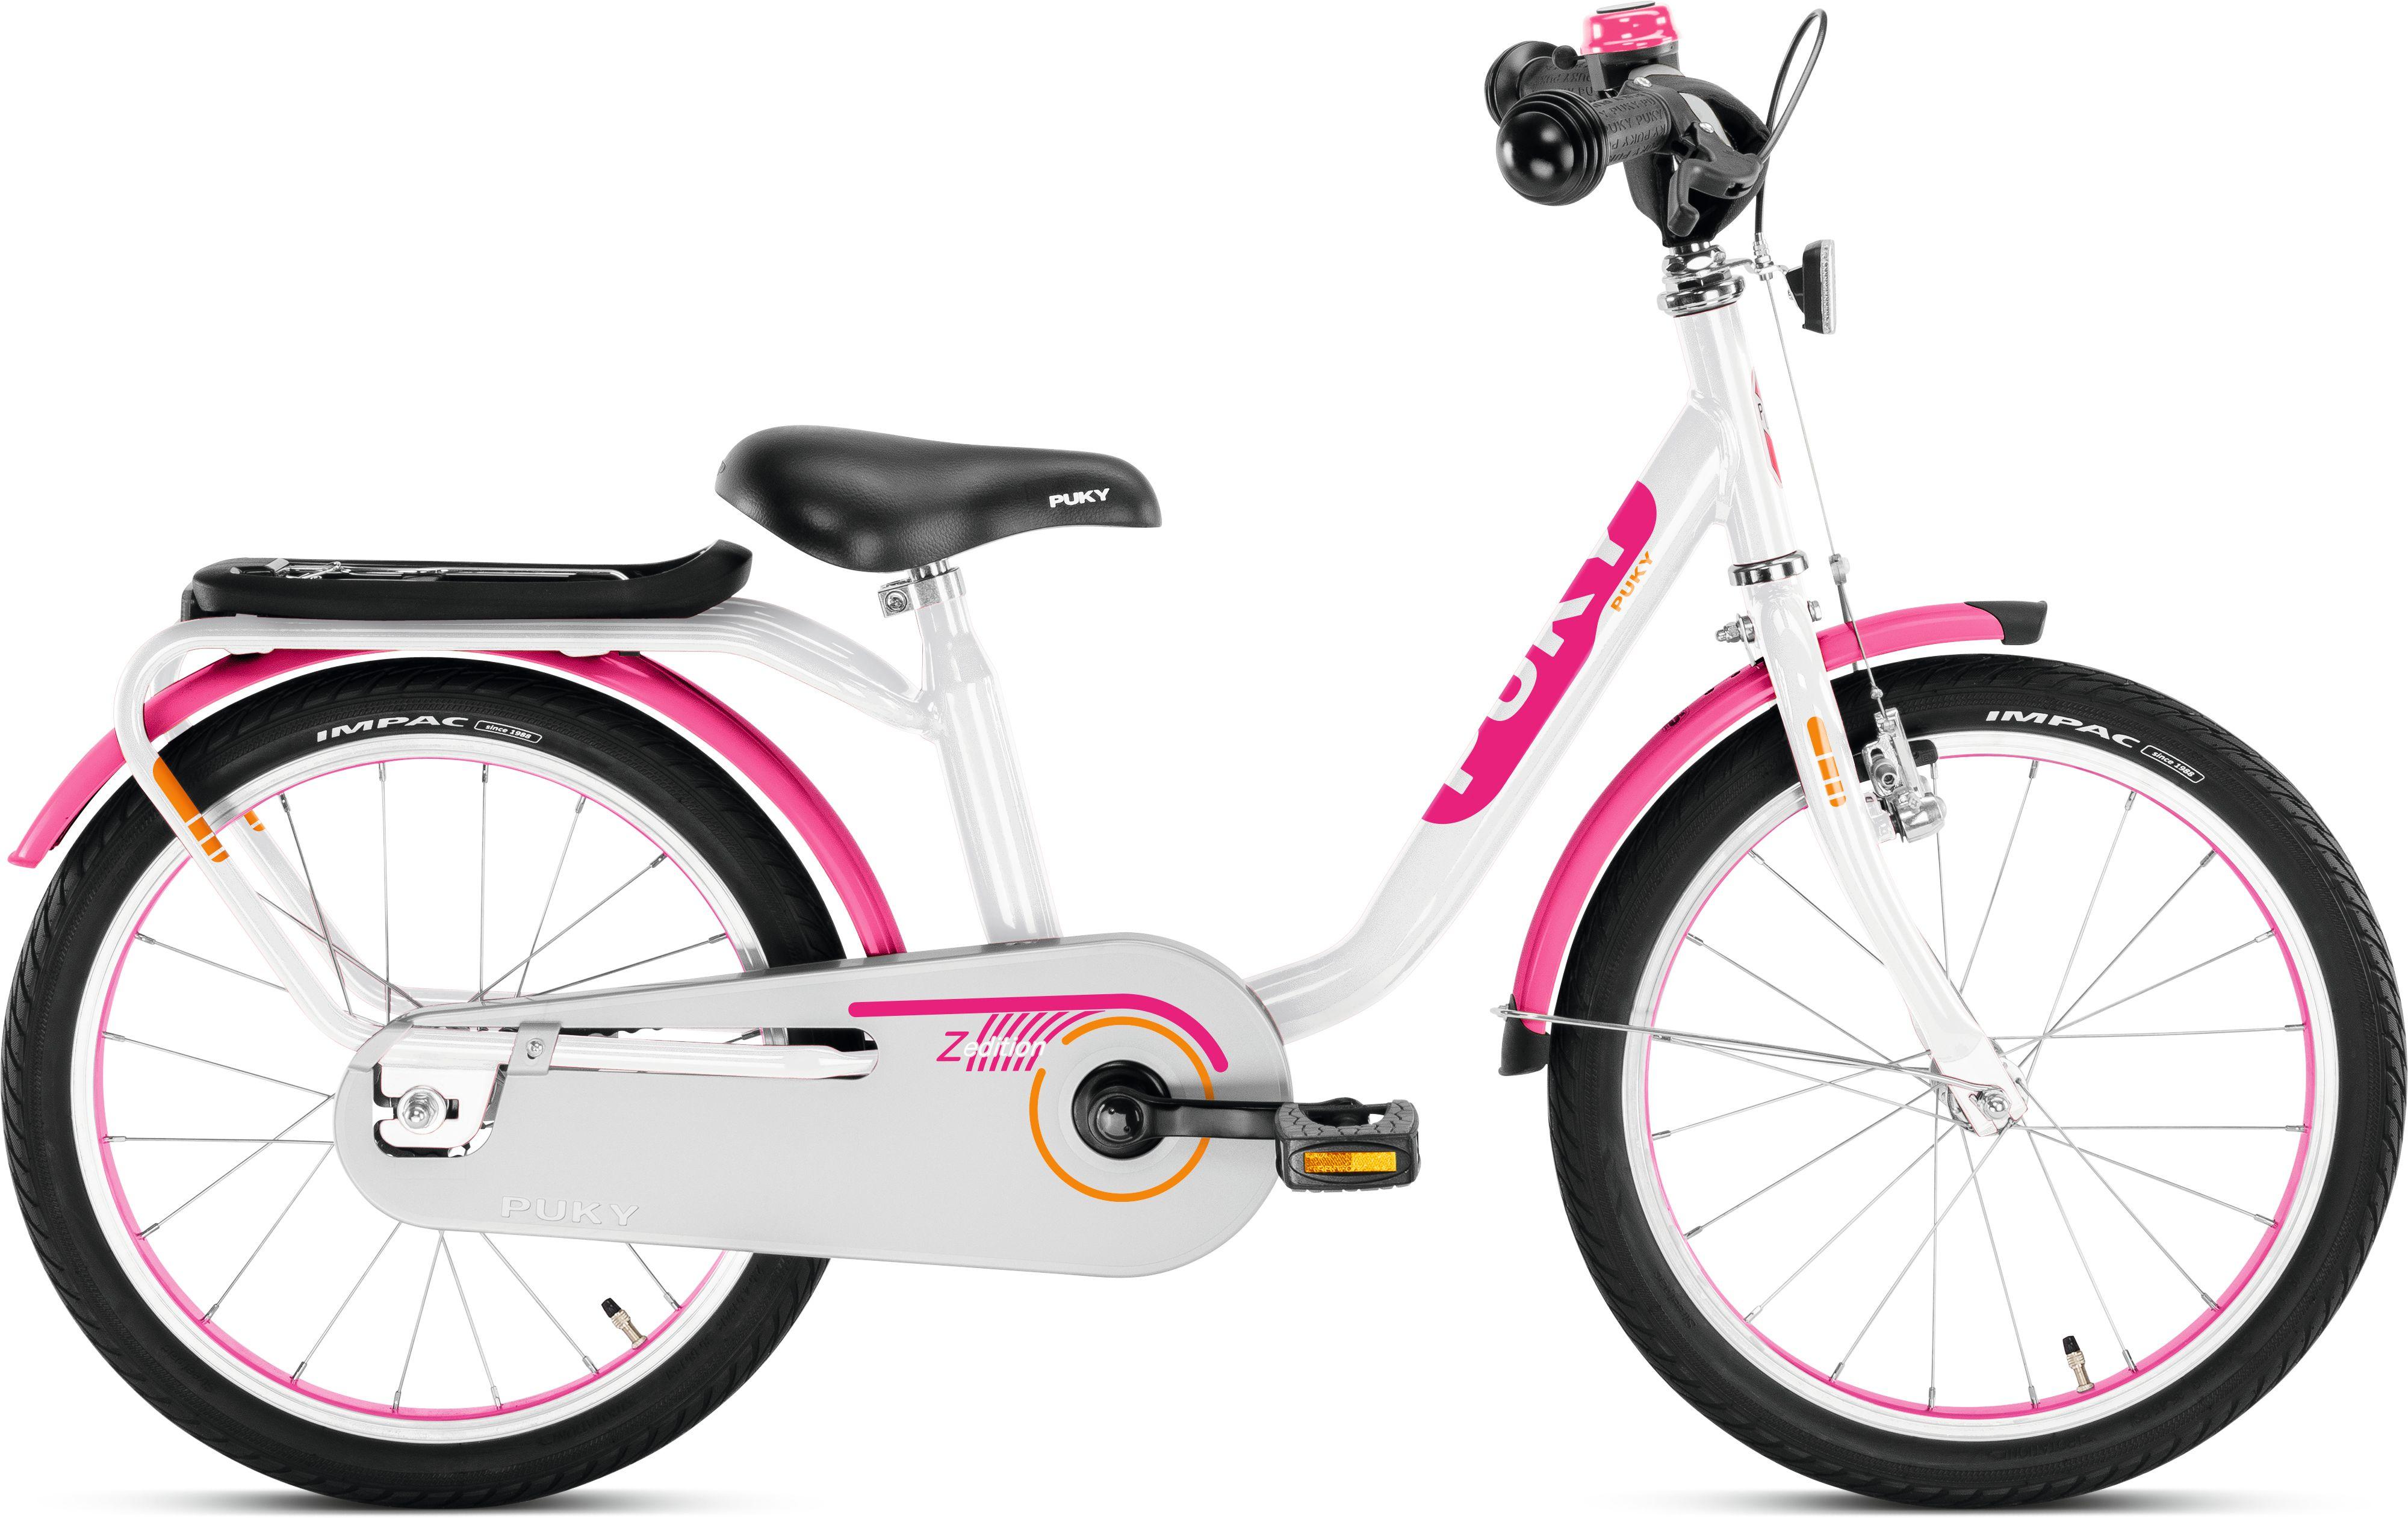 Велосипед Puky Z8 2016 White